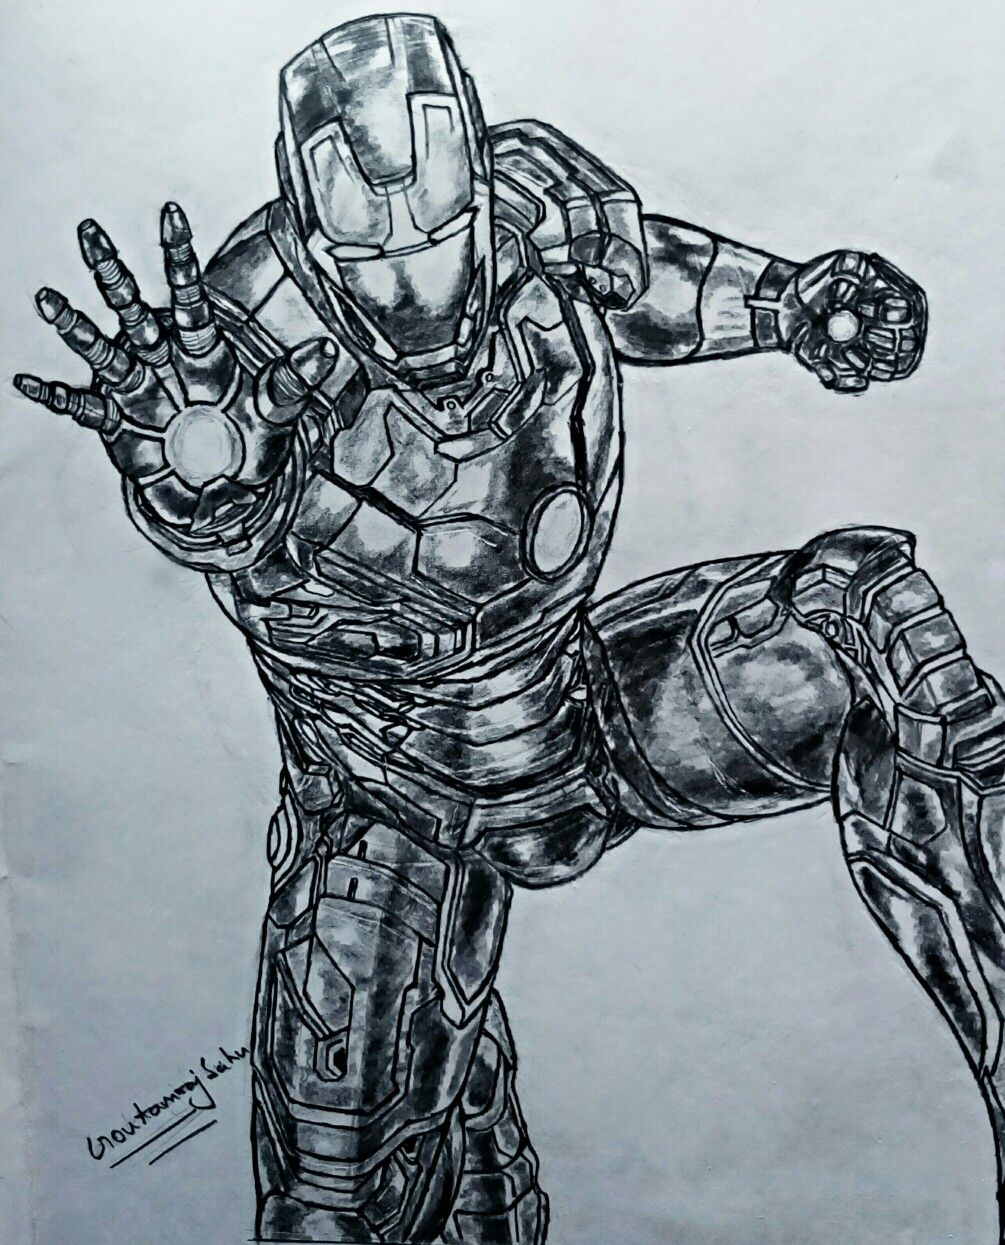 Iron man drawing | Iron man drawing, Pencil drawings, Drawings